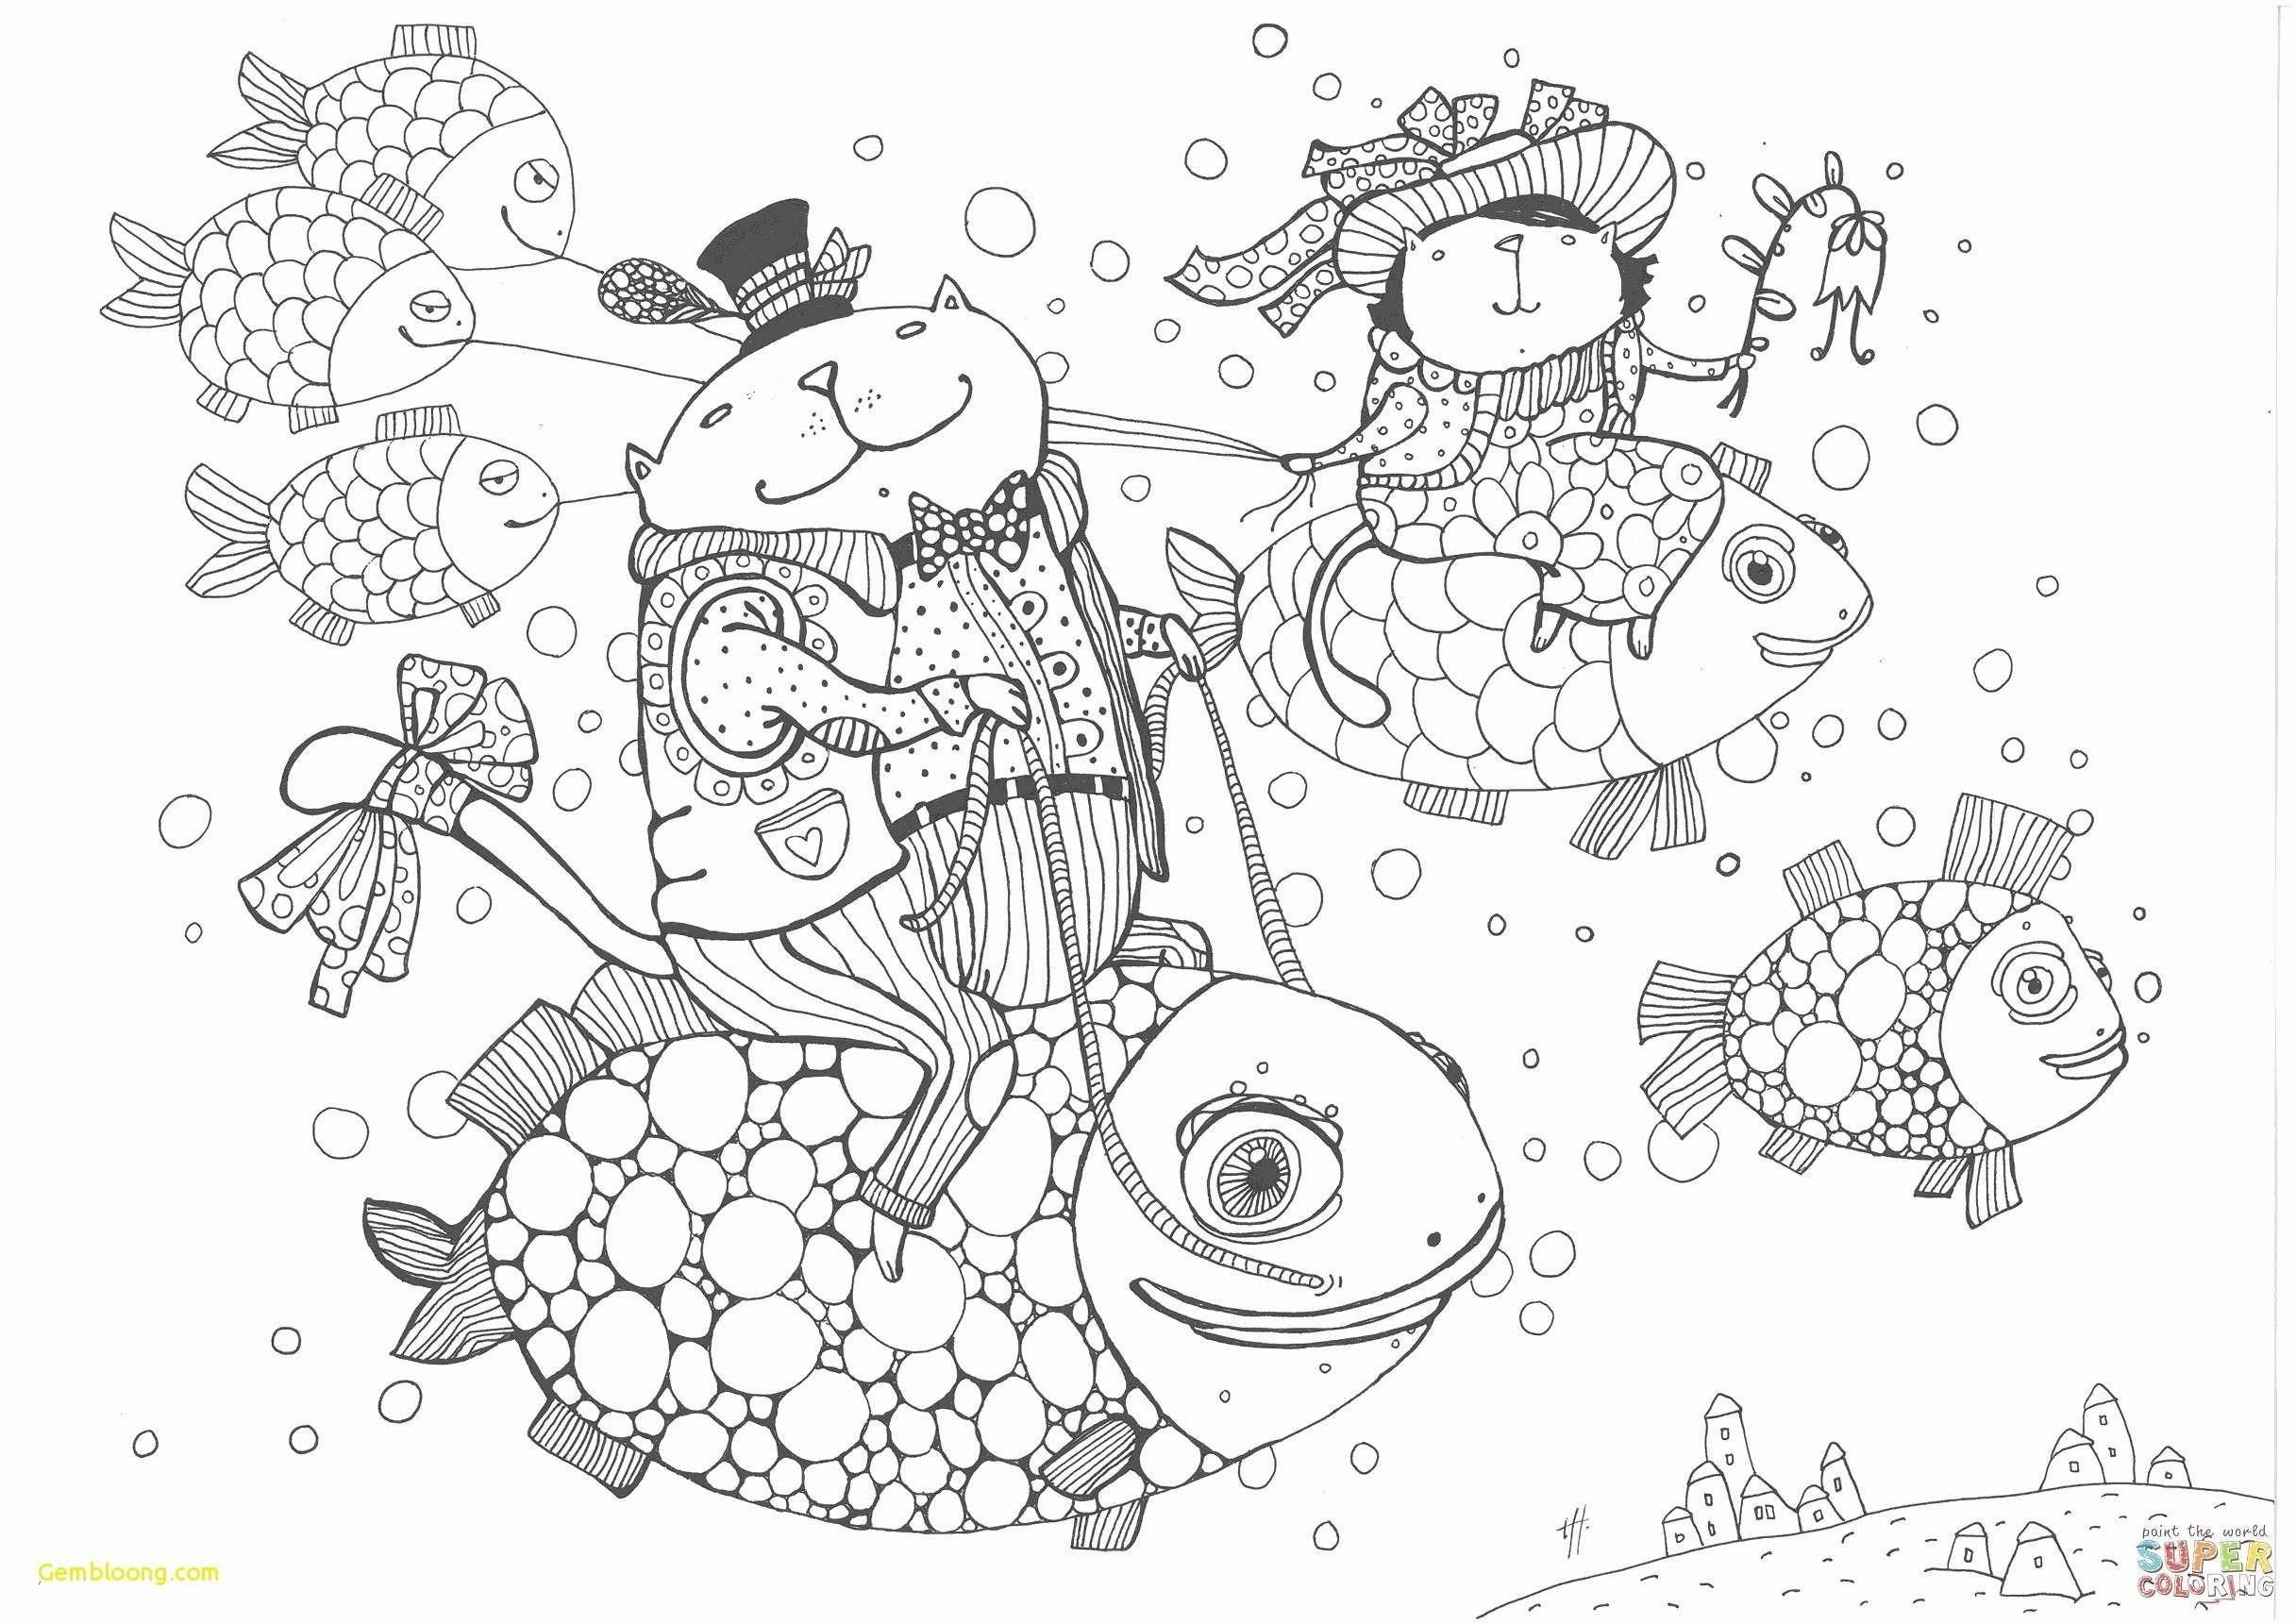 Fische Bilder Zum Ausdrucken Neu Fisch Malbuch Wunderbar 32 Fisch Ausmalbilder Zum Ausdrucken Das Bild